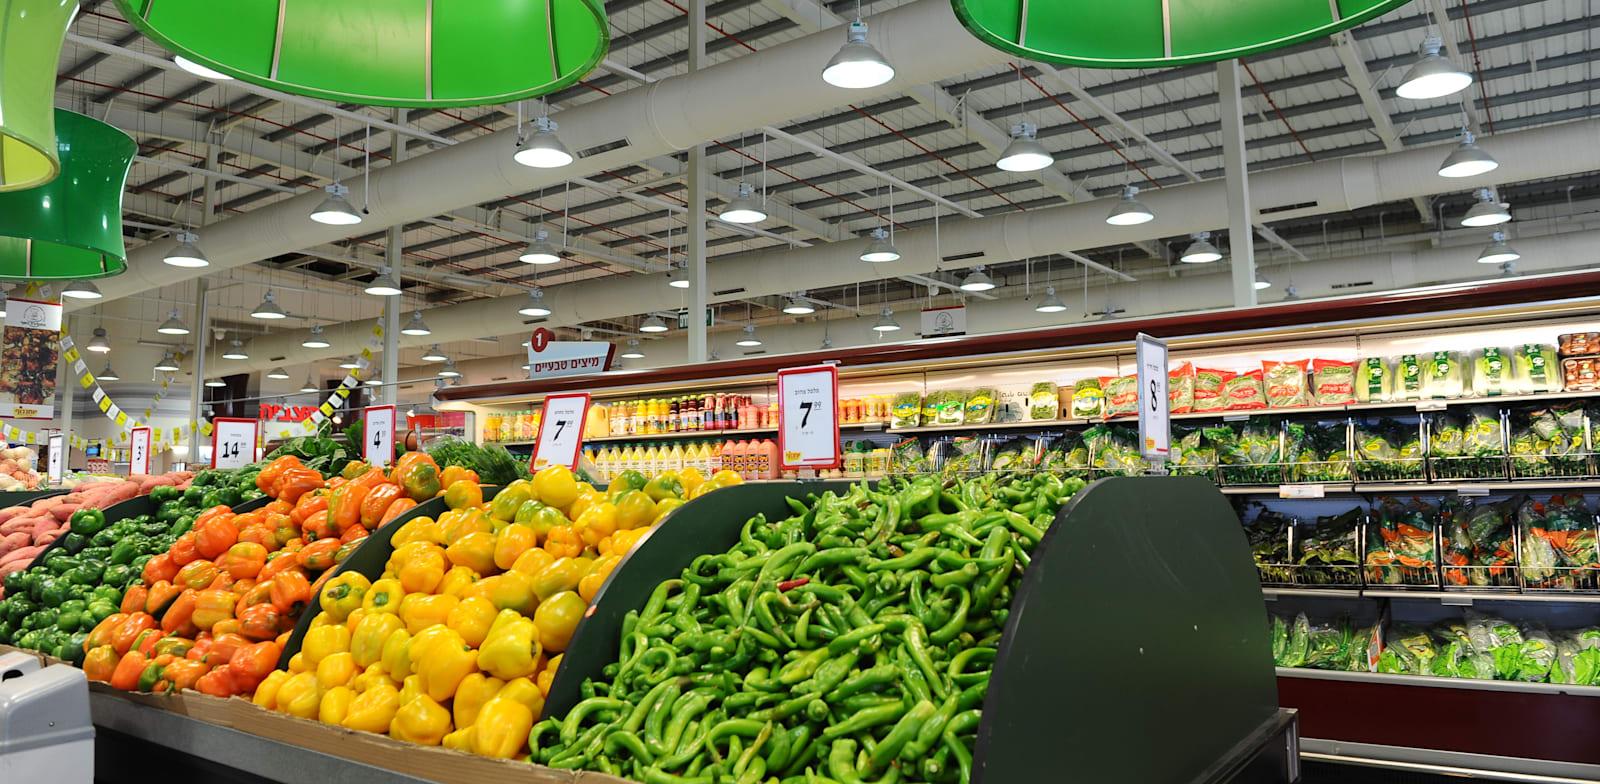 קל לשכוח איזה נס צרכני מהווה הסופרמרקט המודרני / צילום: תמר מצפי